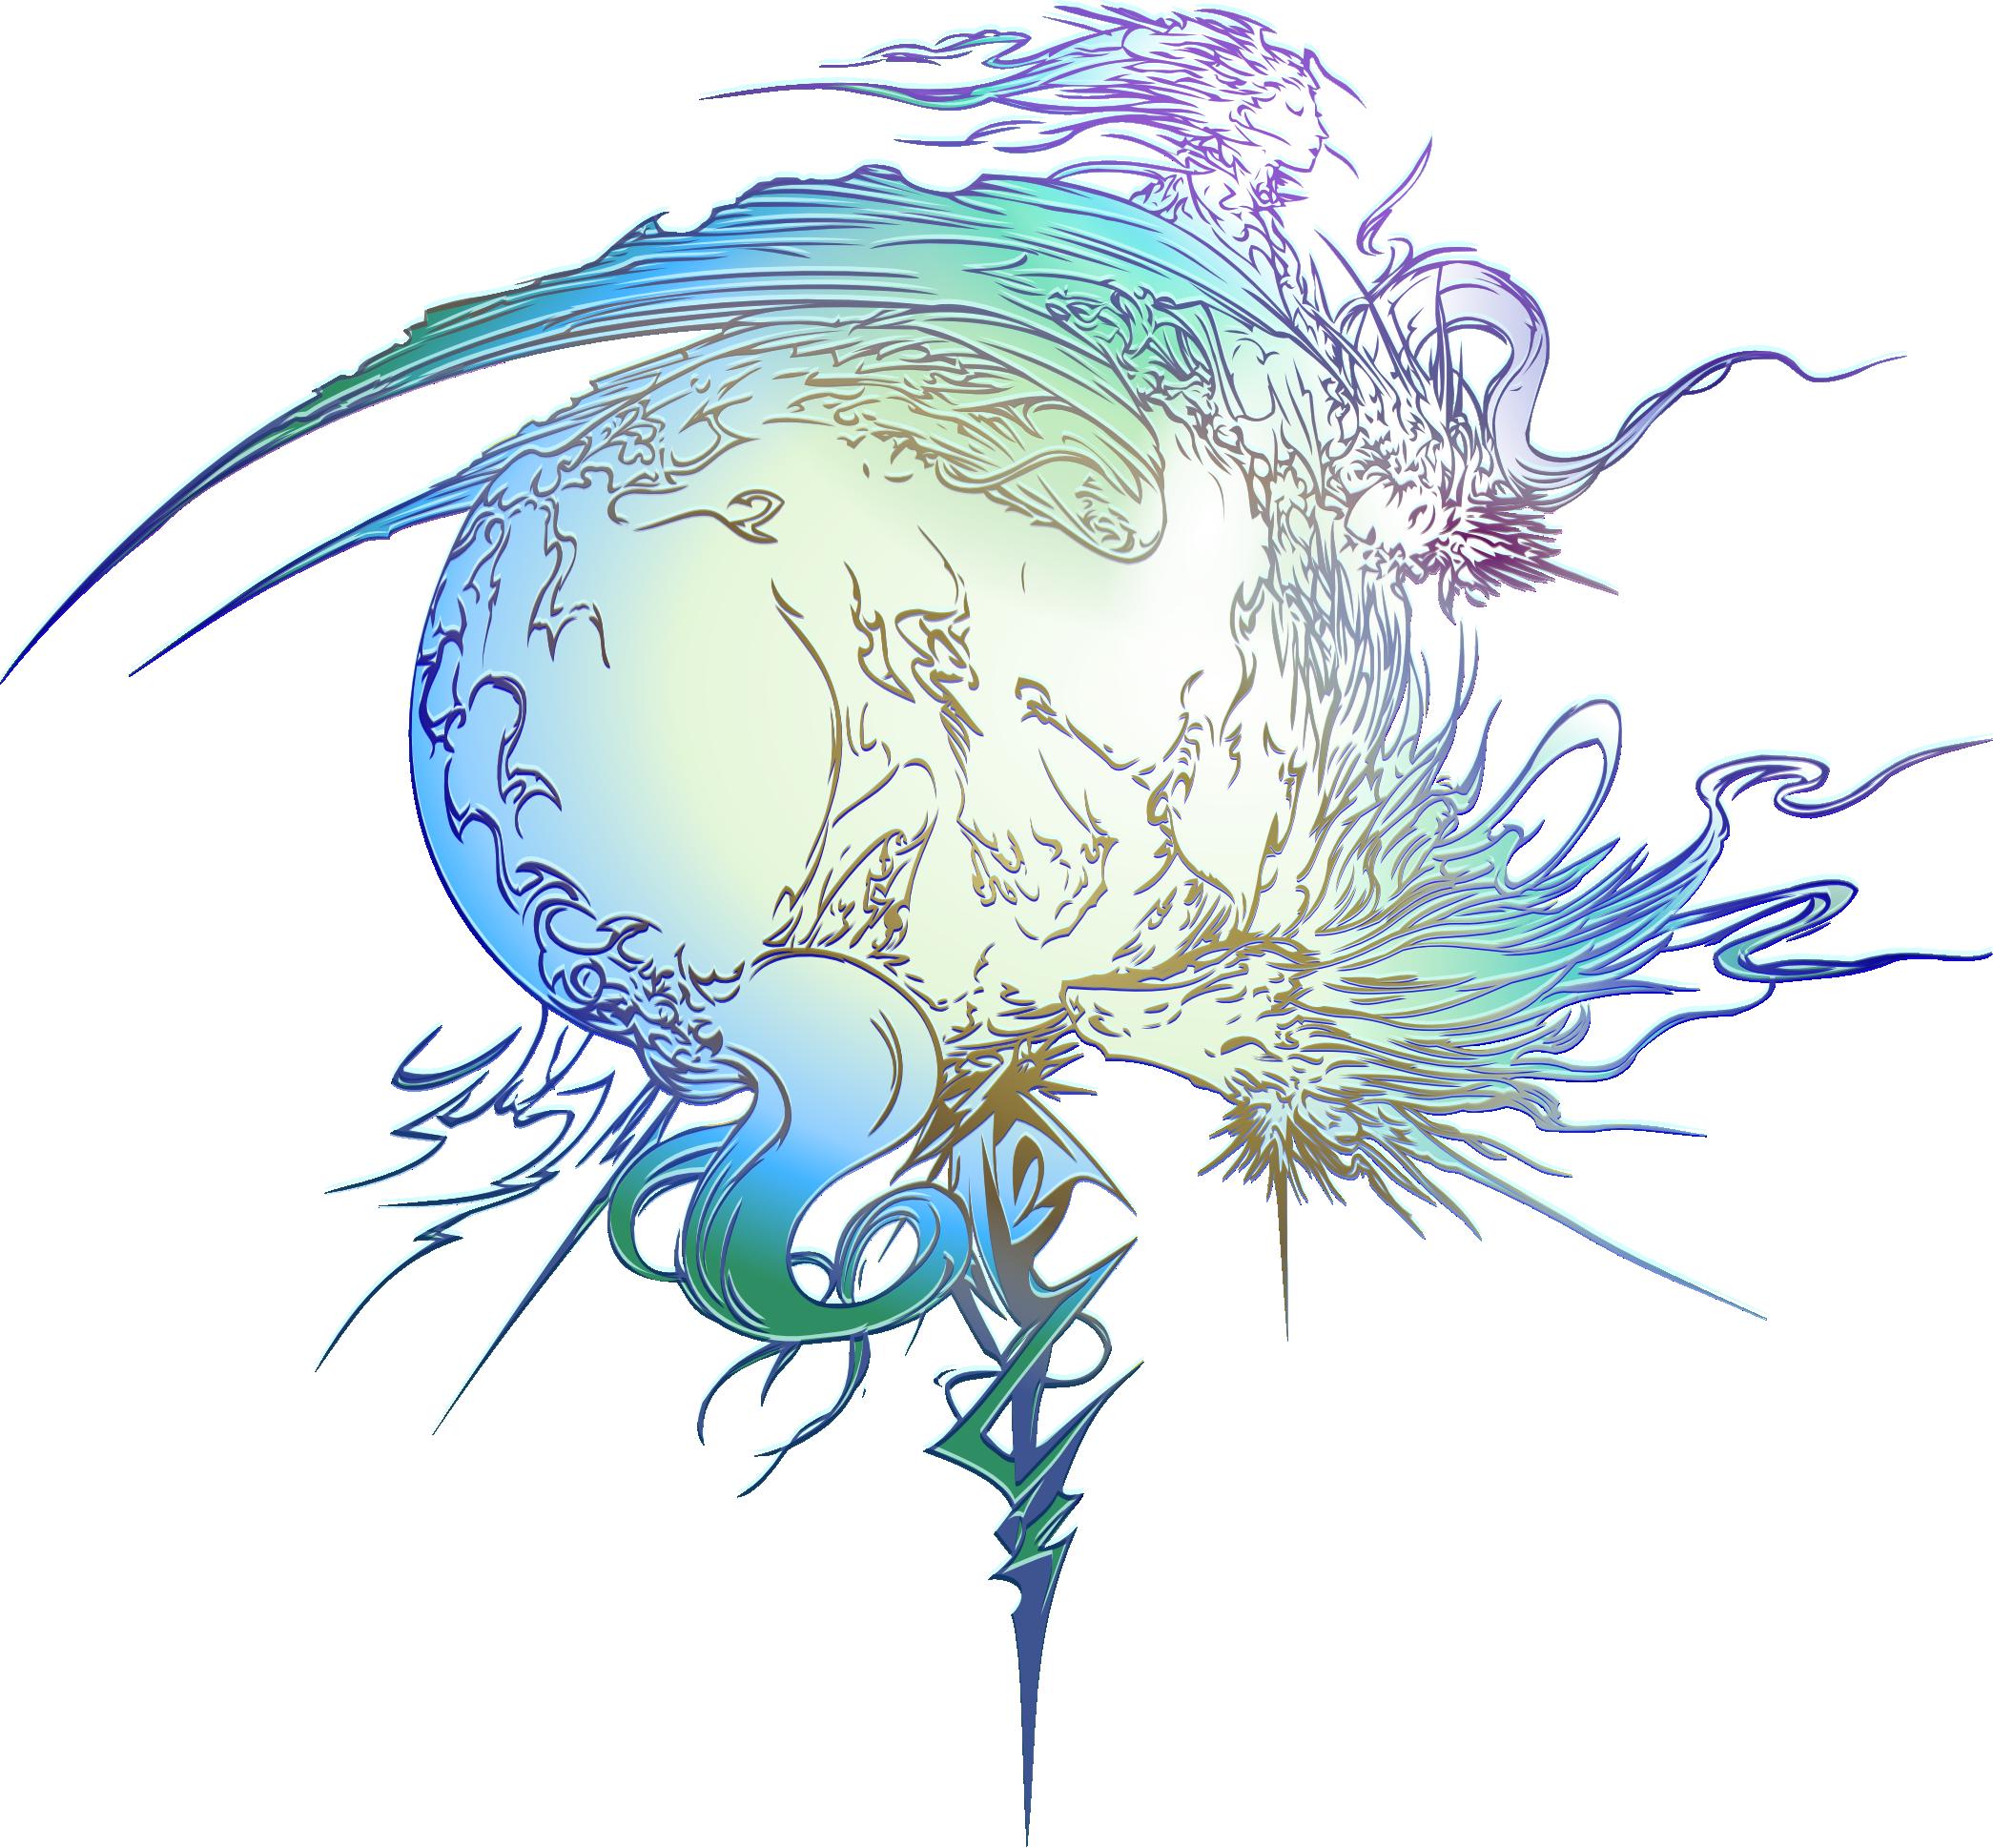 Final Fantasy XIII Final fantasy logo, Final fantasy tattoo